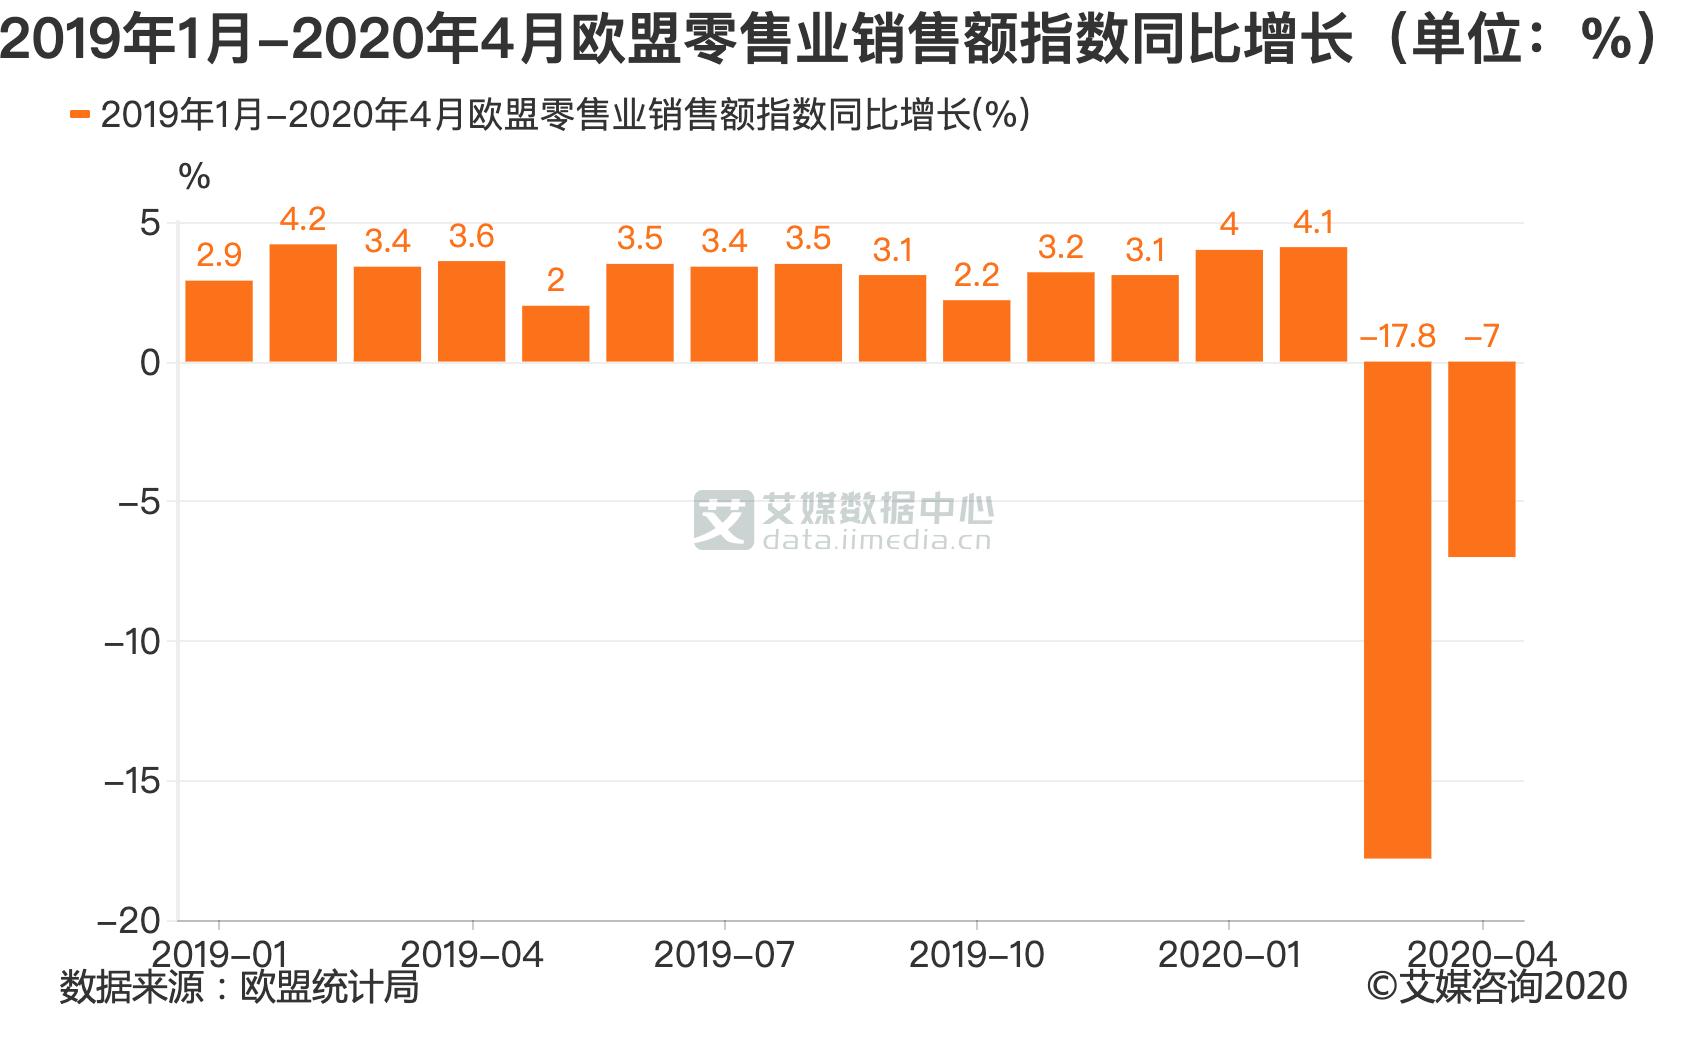 2019年1月-2020年4月欧盟零售业销售额指数同比增长(单位:%)